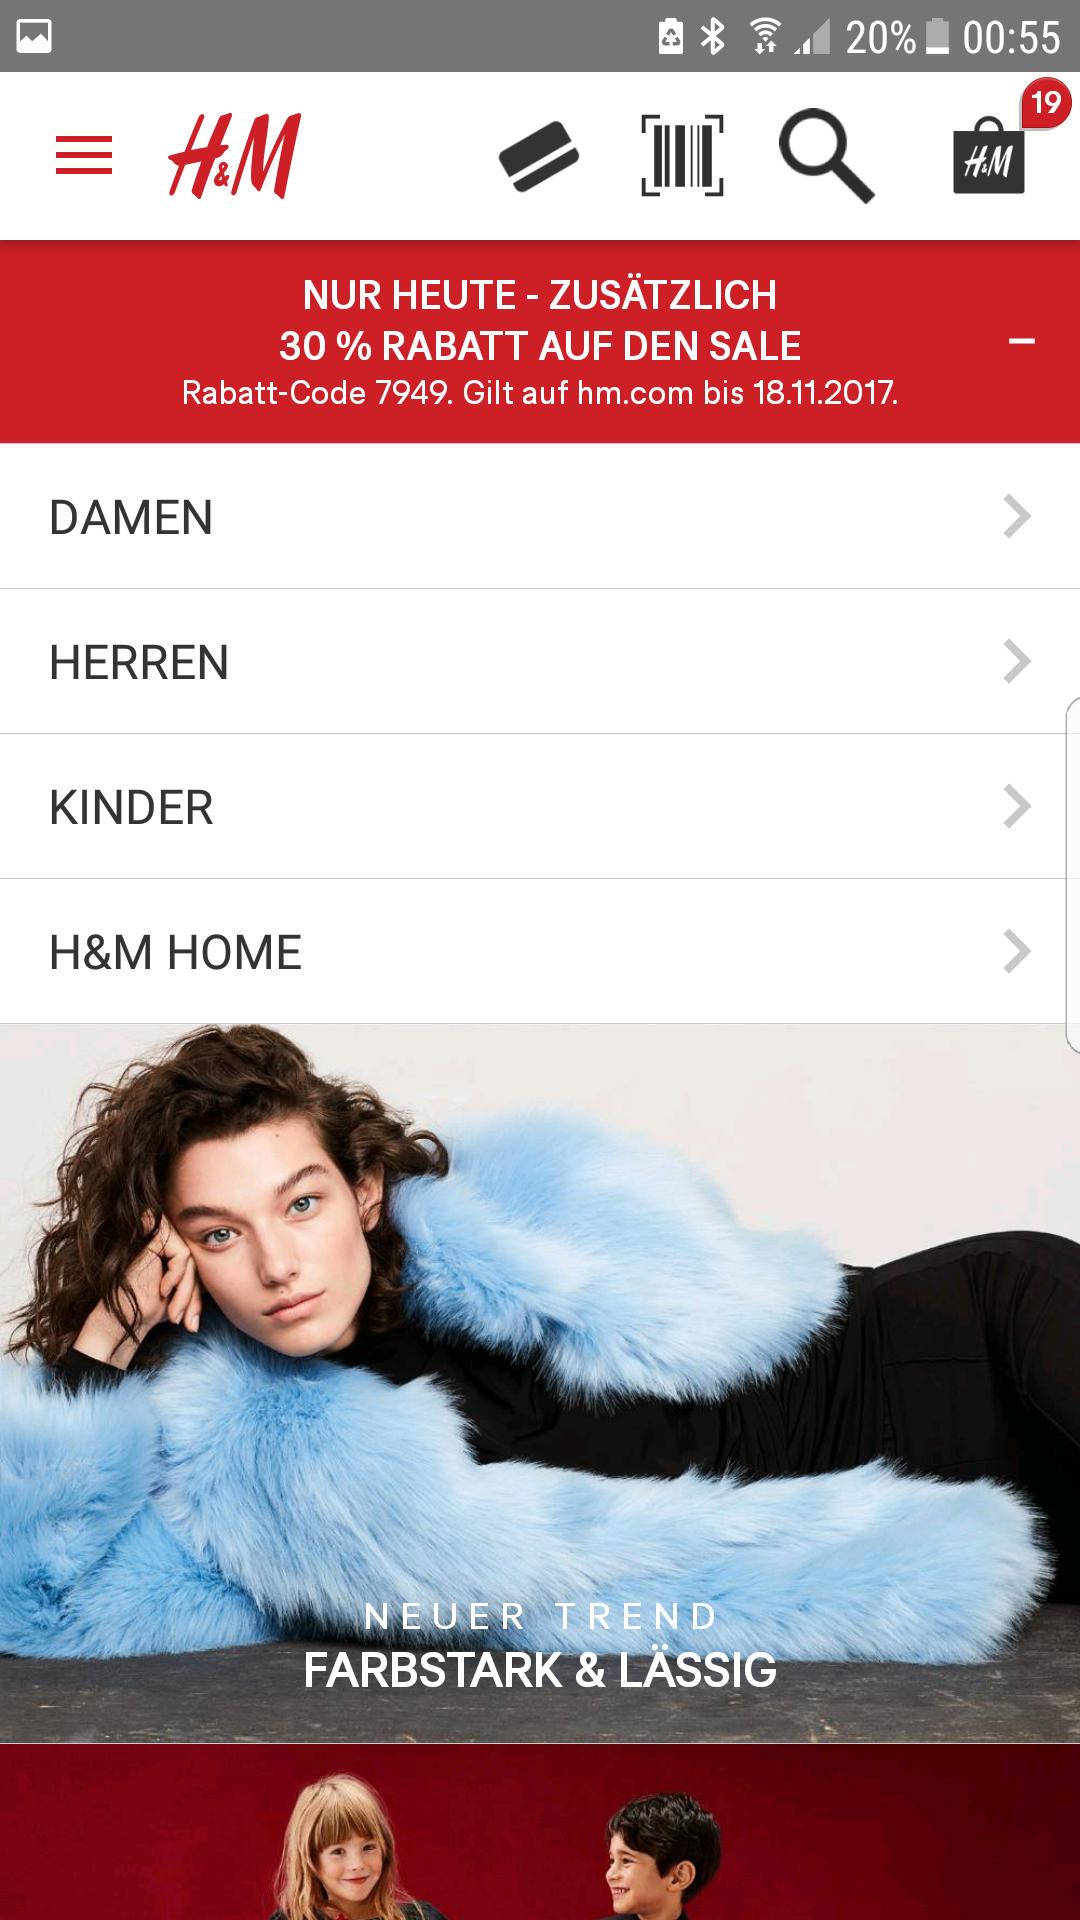 H&M online 30% auf sale